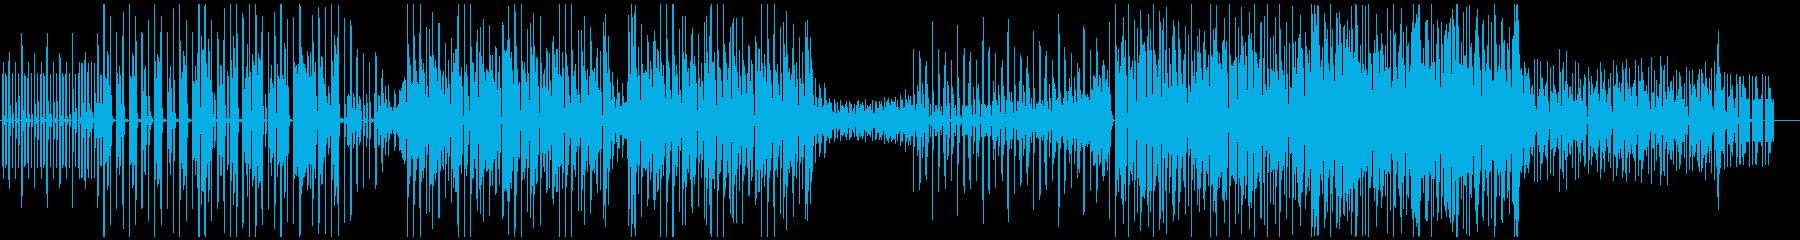 レトロ ビンテージ 不思議 奇妙 ...の再生済みの波形